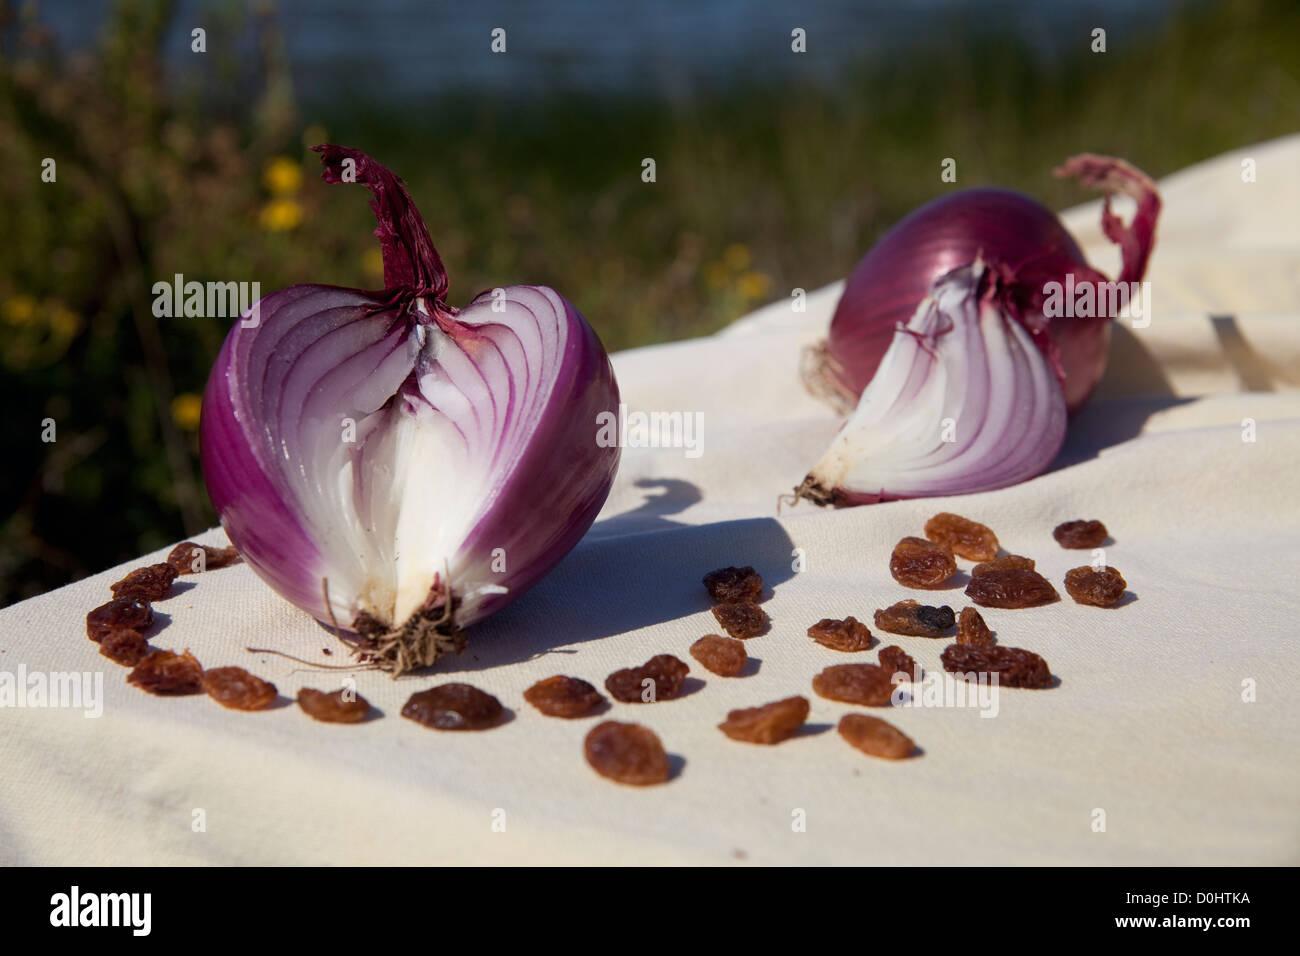 rote Zwiebeln (Cipolle di Tropea) und Rosinen auf einer weißen Tischdecke an einem sonnigen Tag an den Ufern Stockbild